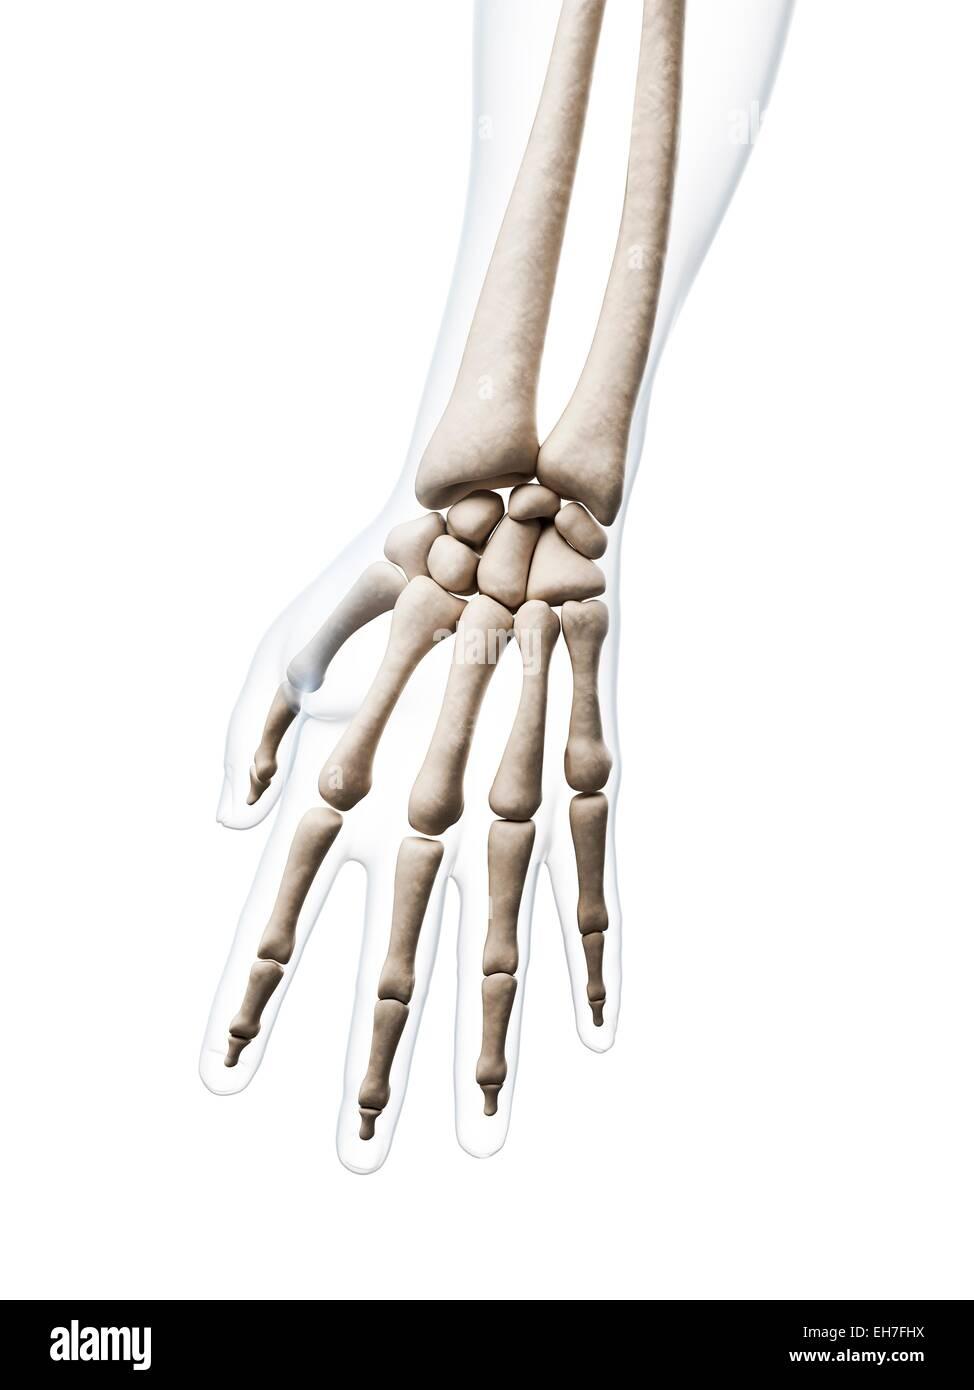 Excelente Imágenes De Los Huesos De La Mano Humana Regalo - Imágenes ...